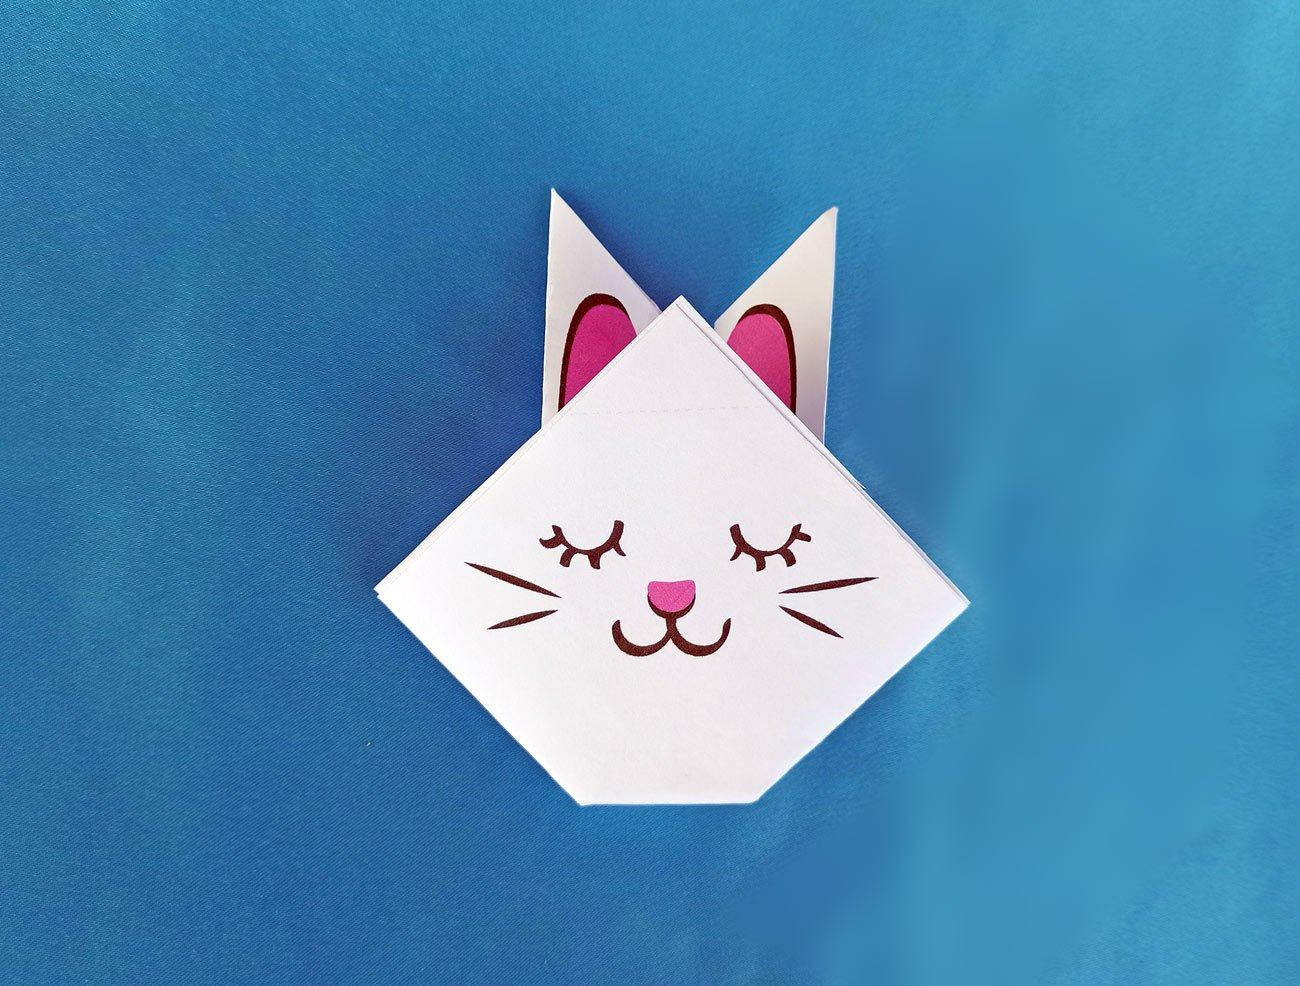 króliczek origami dla dzieci, łatwe zabawy wielkanocne dla dzieci